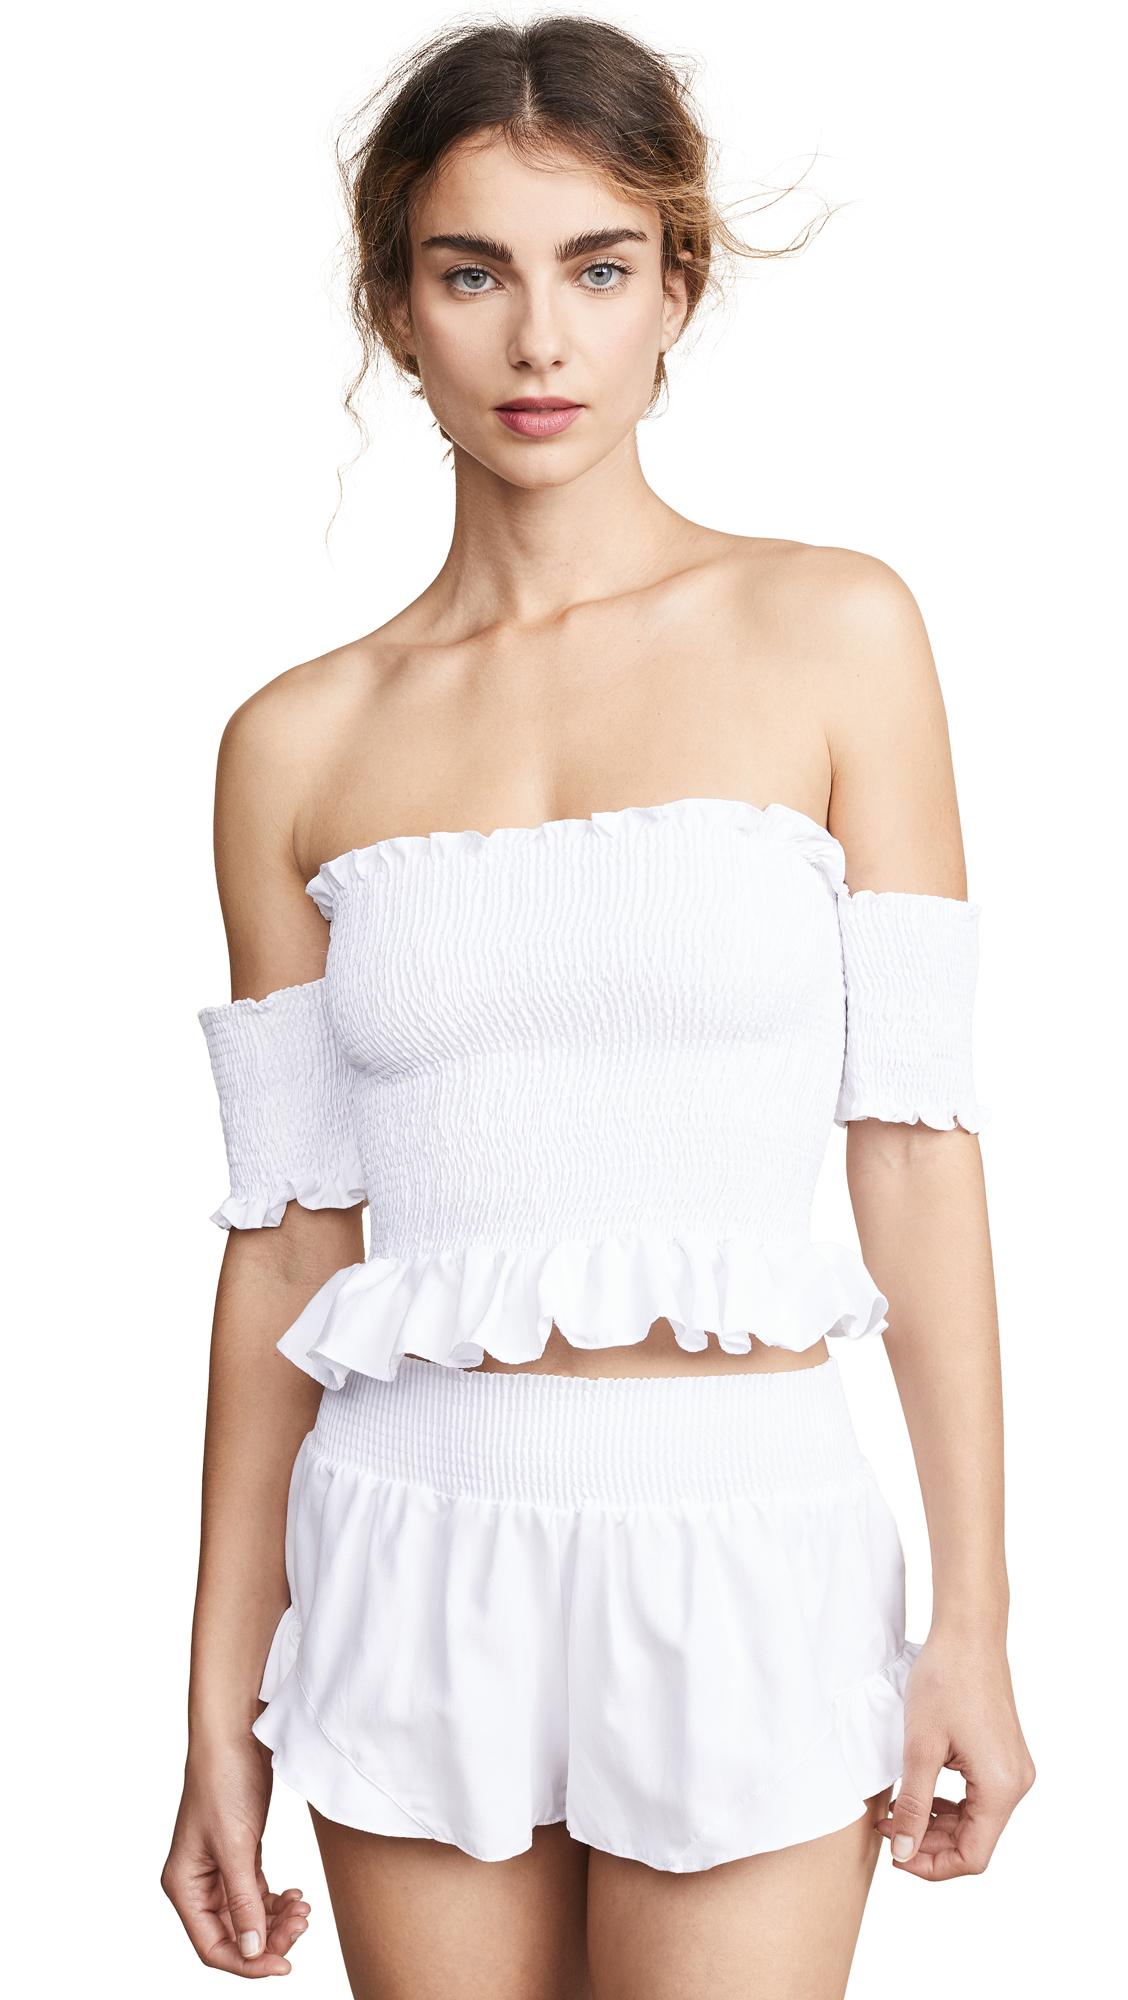 PEIXOTO Nina Top in White